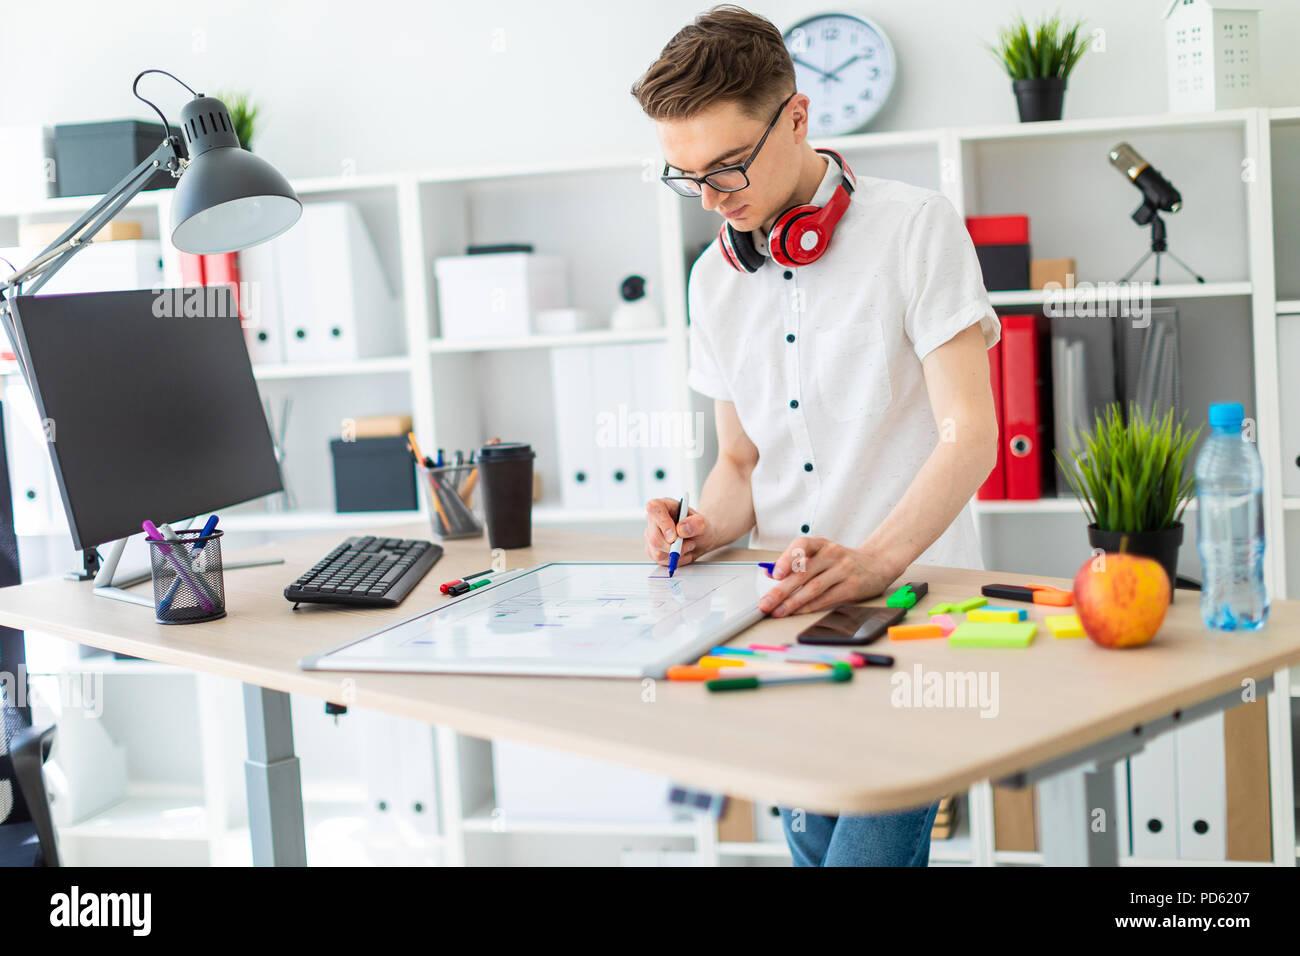 Un hombre joven en copas de pie cerca de una mesa de ordenador. Un hombre joven dibuja un marcador en un tablero magnético. En el cuello, el tío es colgar los auriculares. Foto de stock